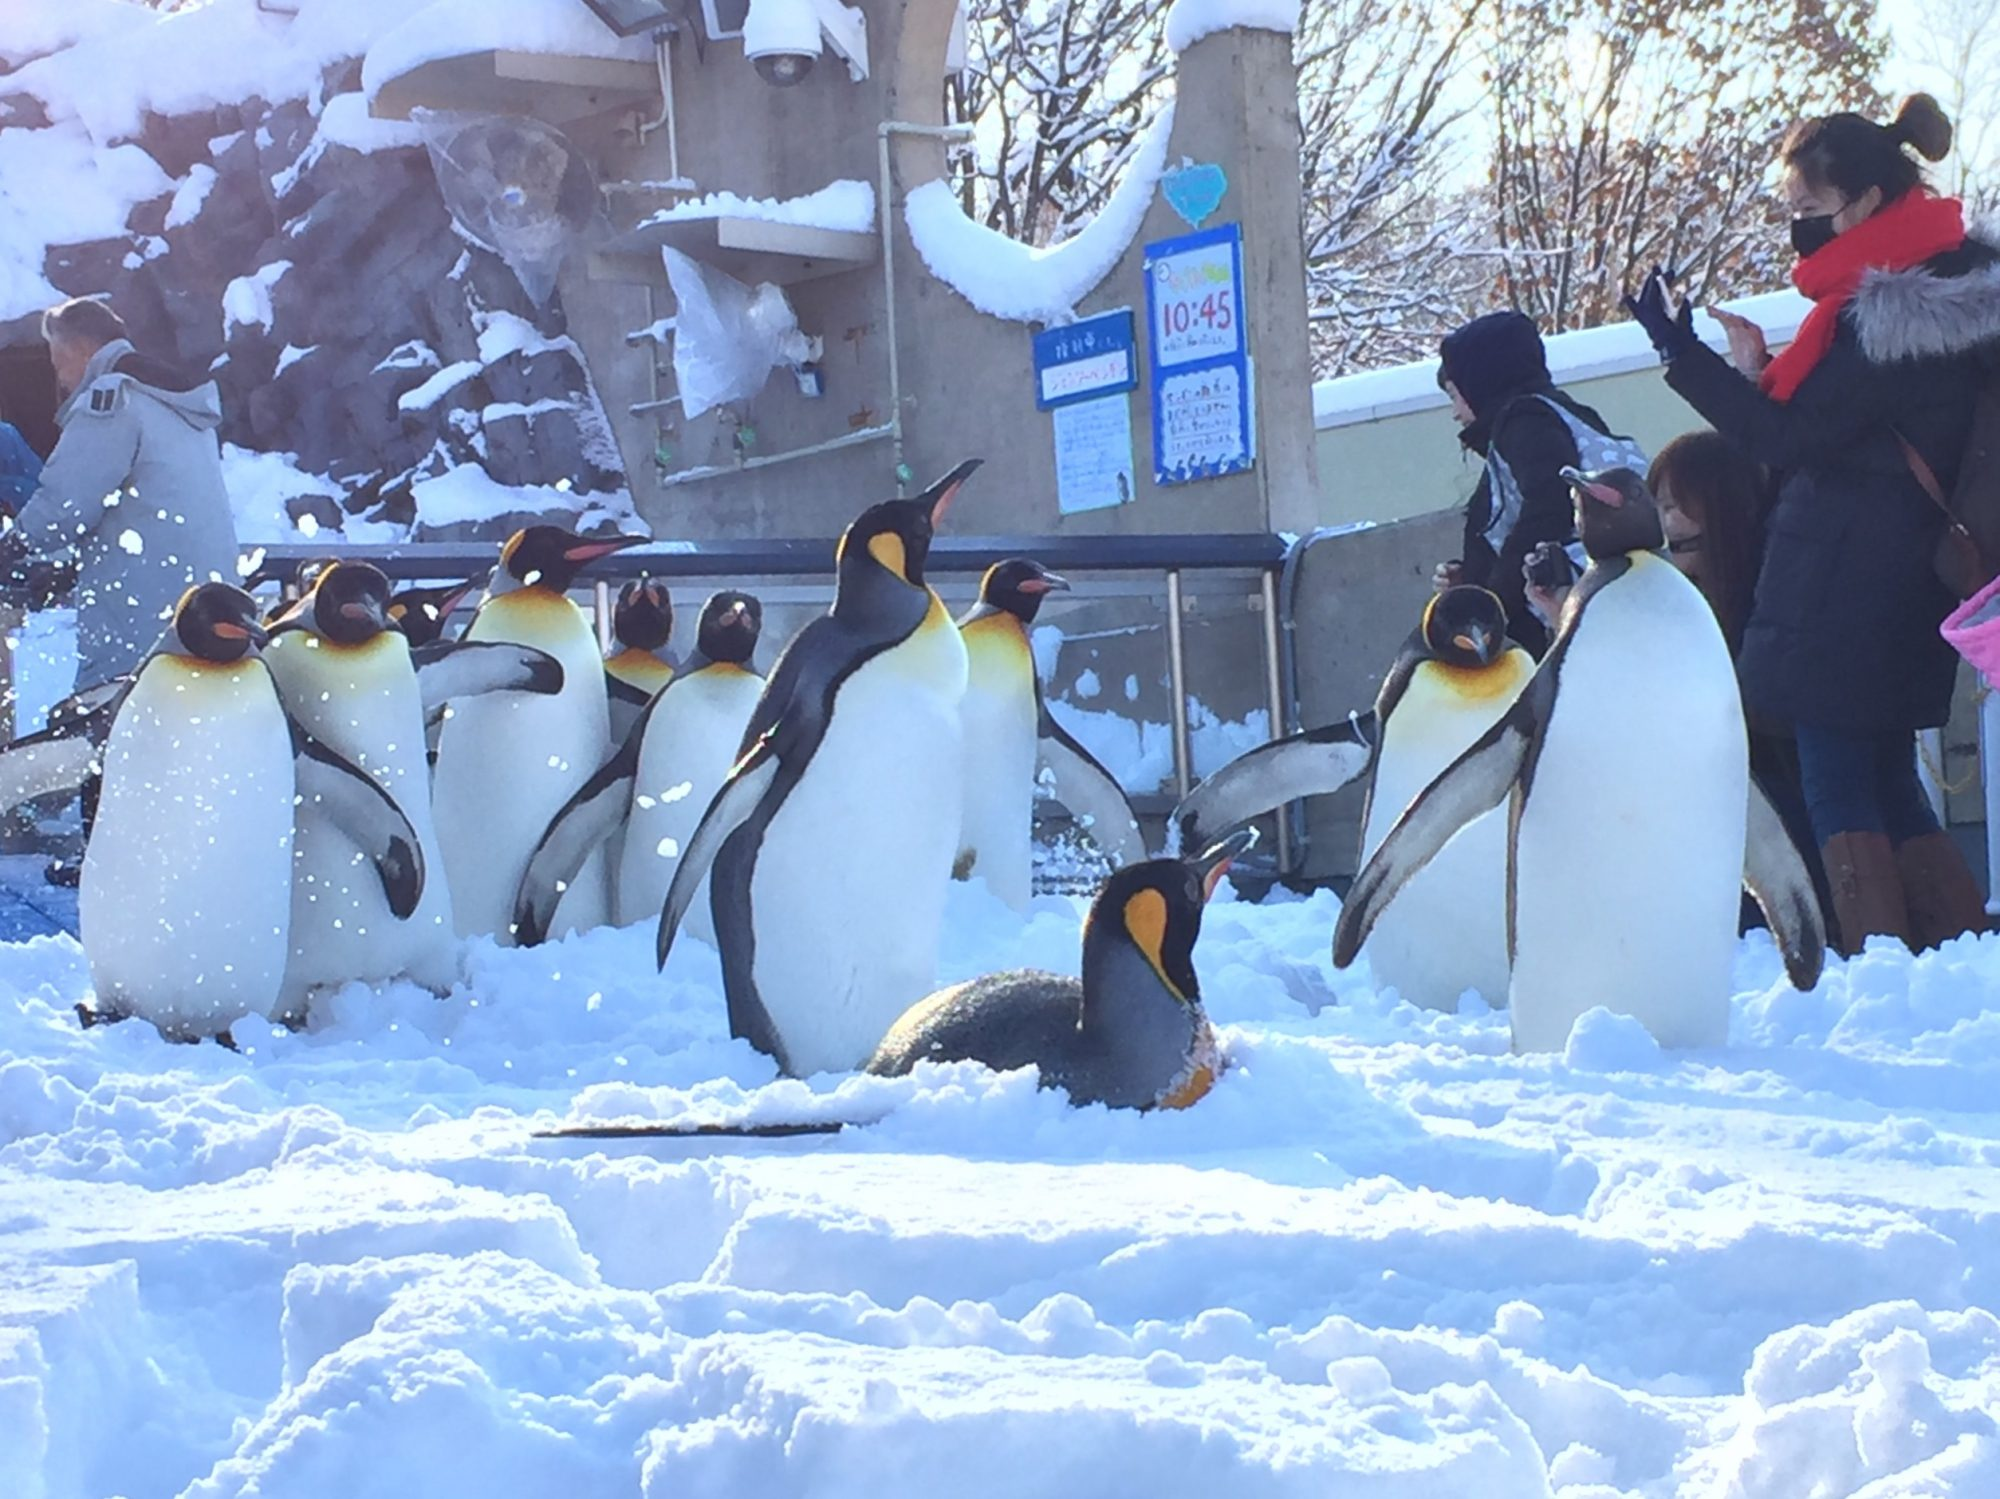 旭山動物園「ペンギンのお散歩」スタート〜冬の運動不足解消を